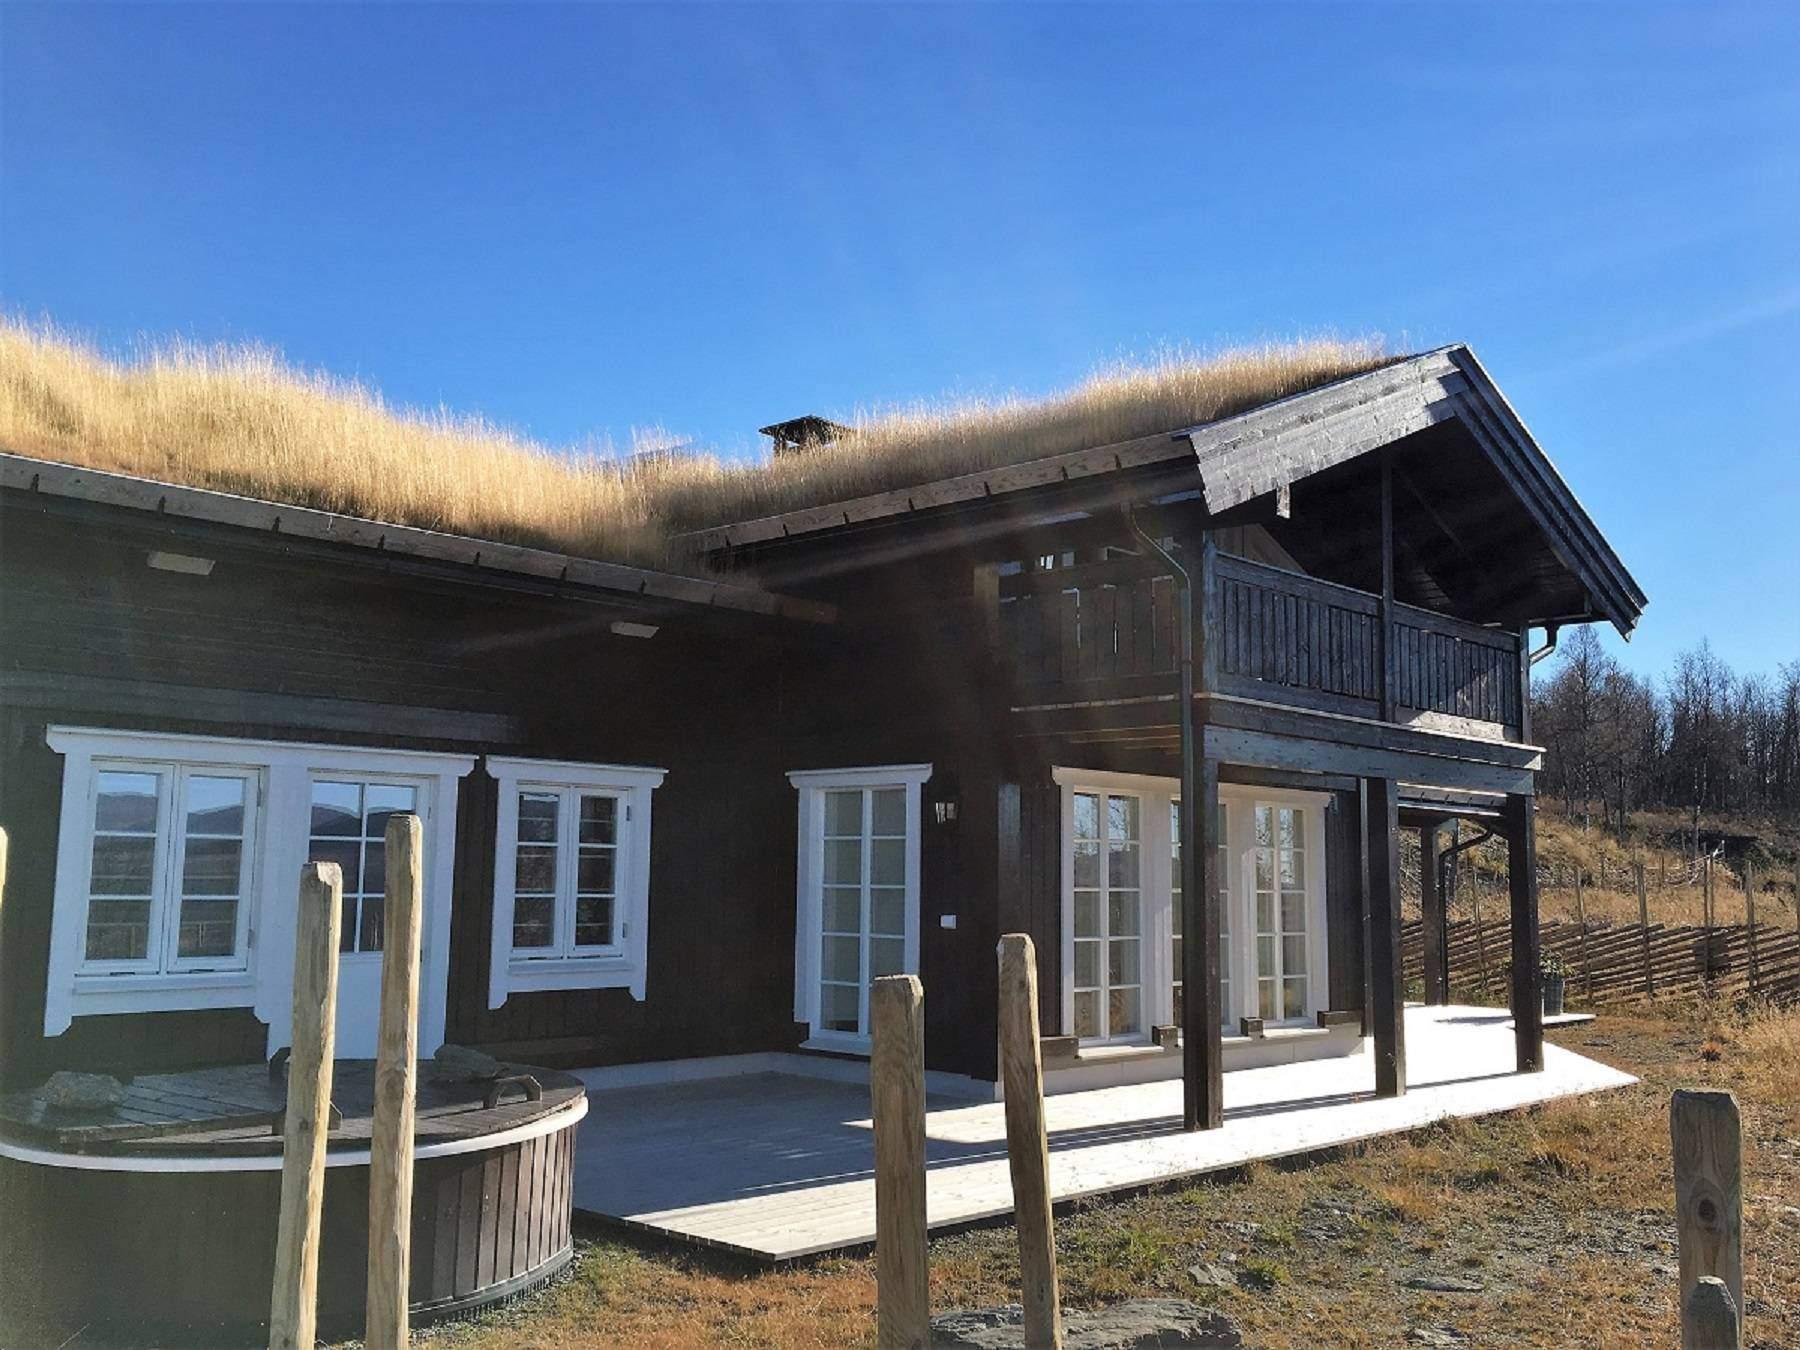 111 Hytte Høyset Panorama – Rondeslottet 95